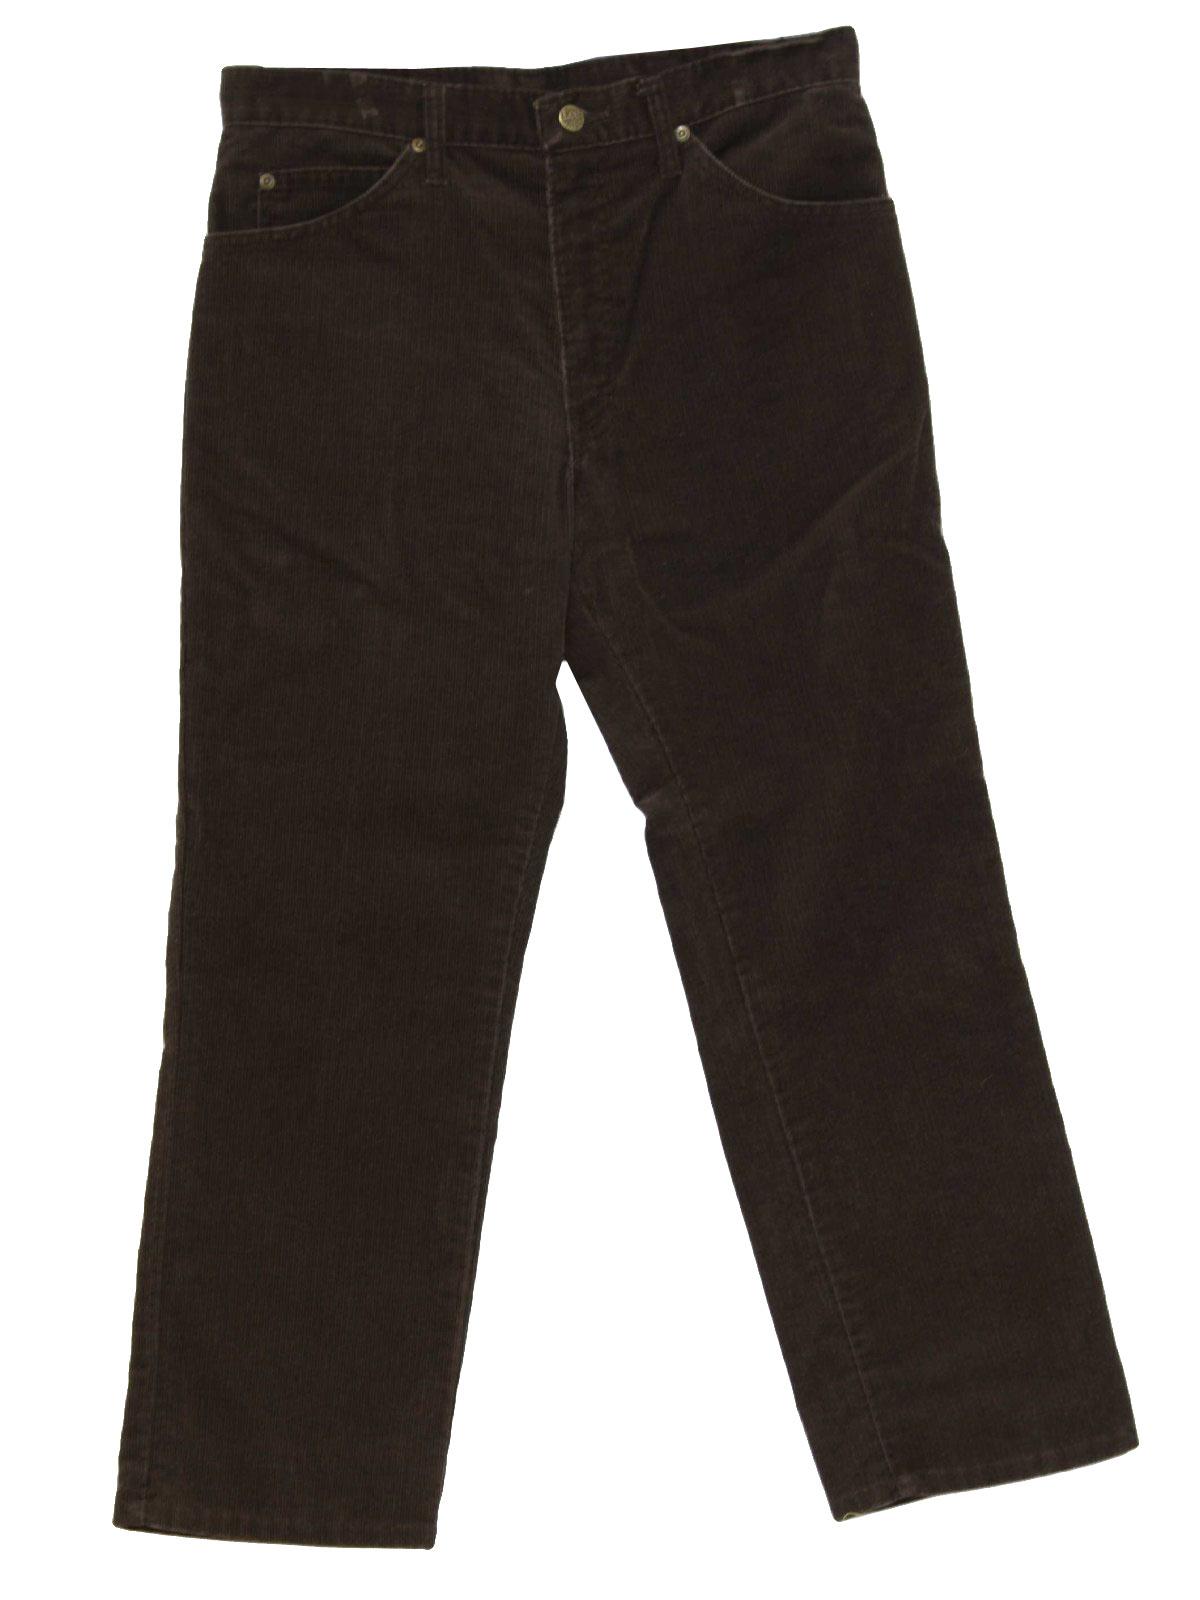 Pants | gpant.com - Part 733